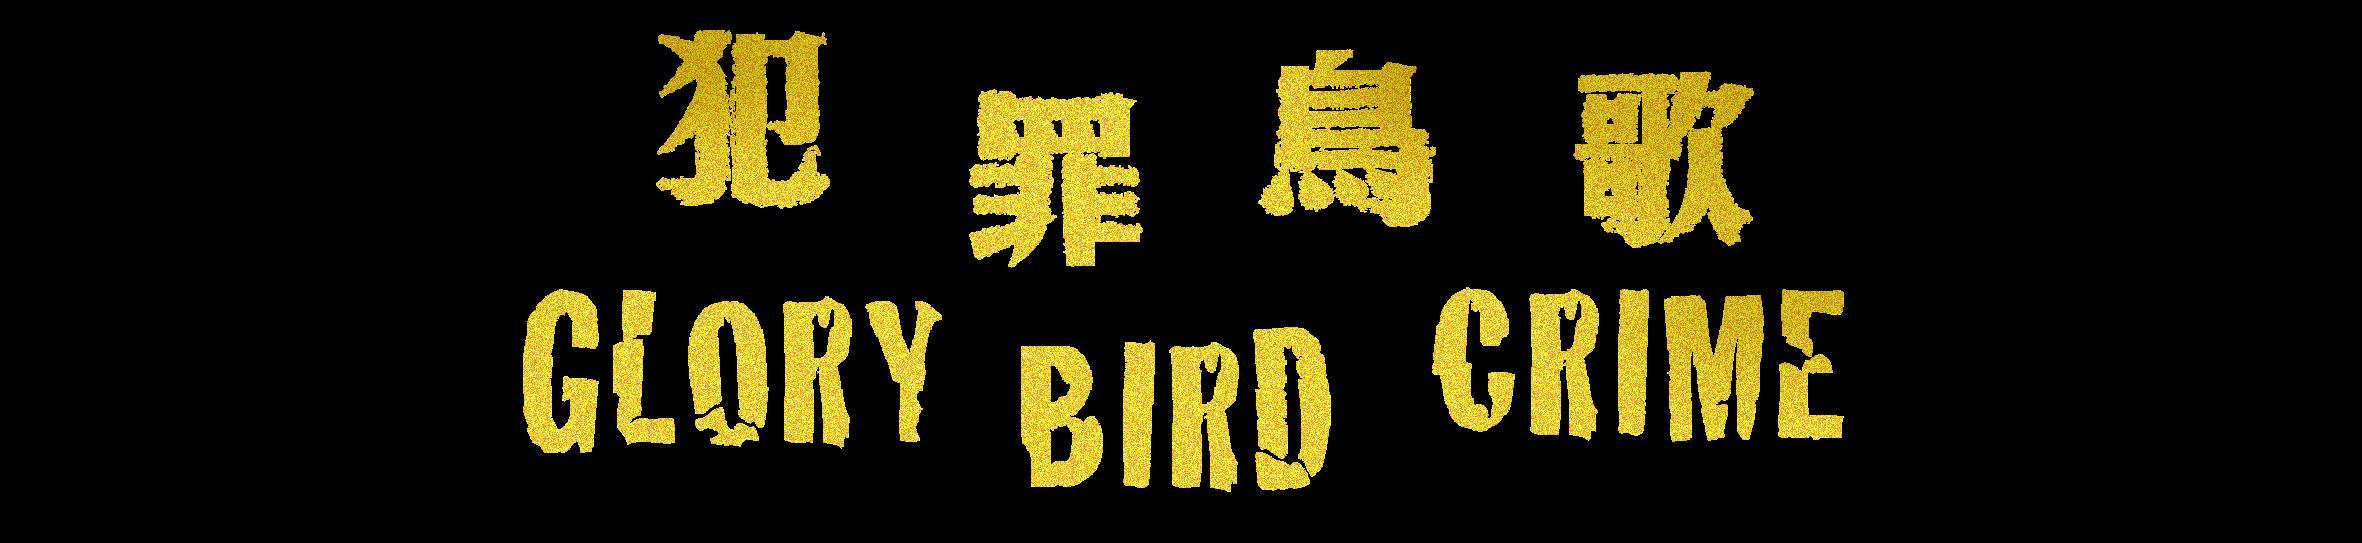 犯罪鳥歌 Glory Bird Crime – 你會在這裡找到任何關於犯罪的資訊,